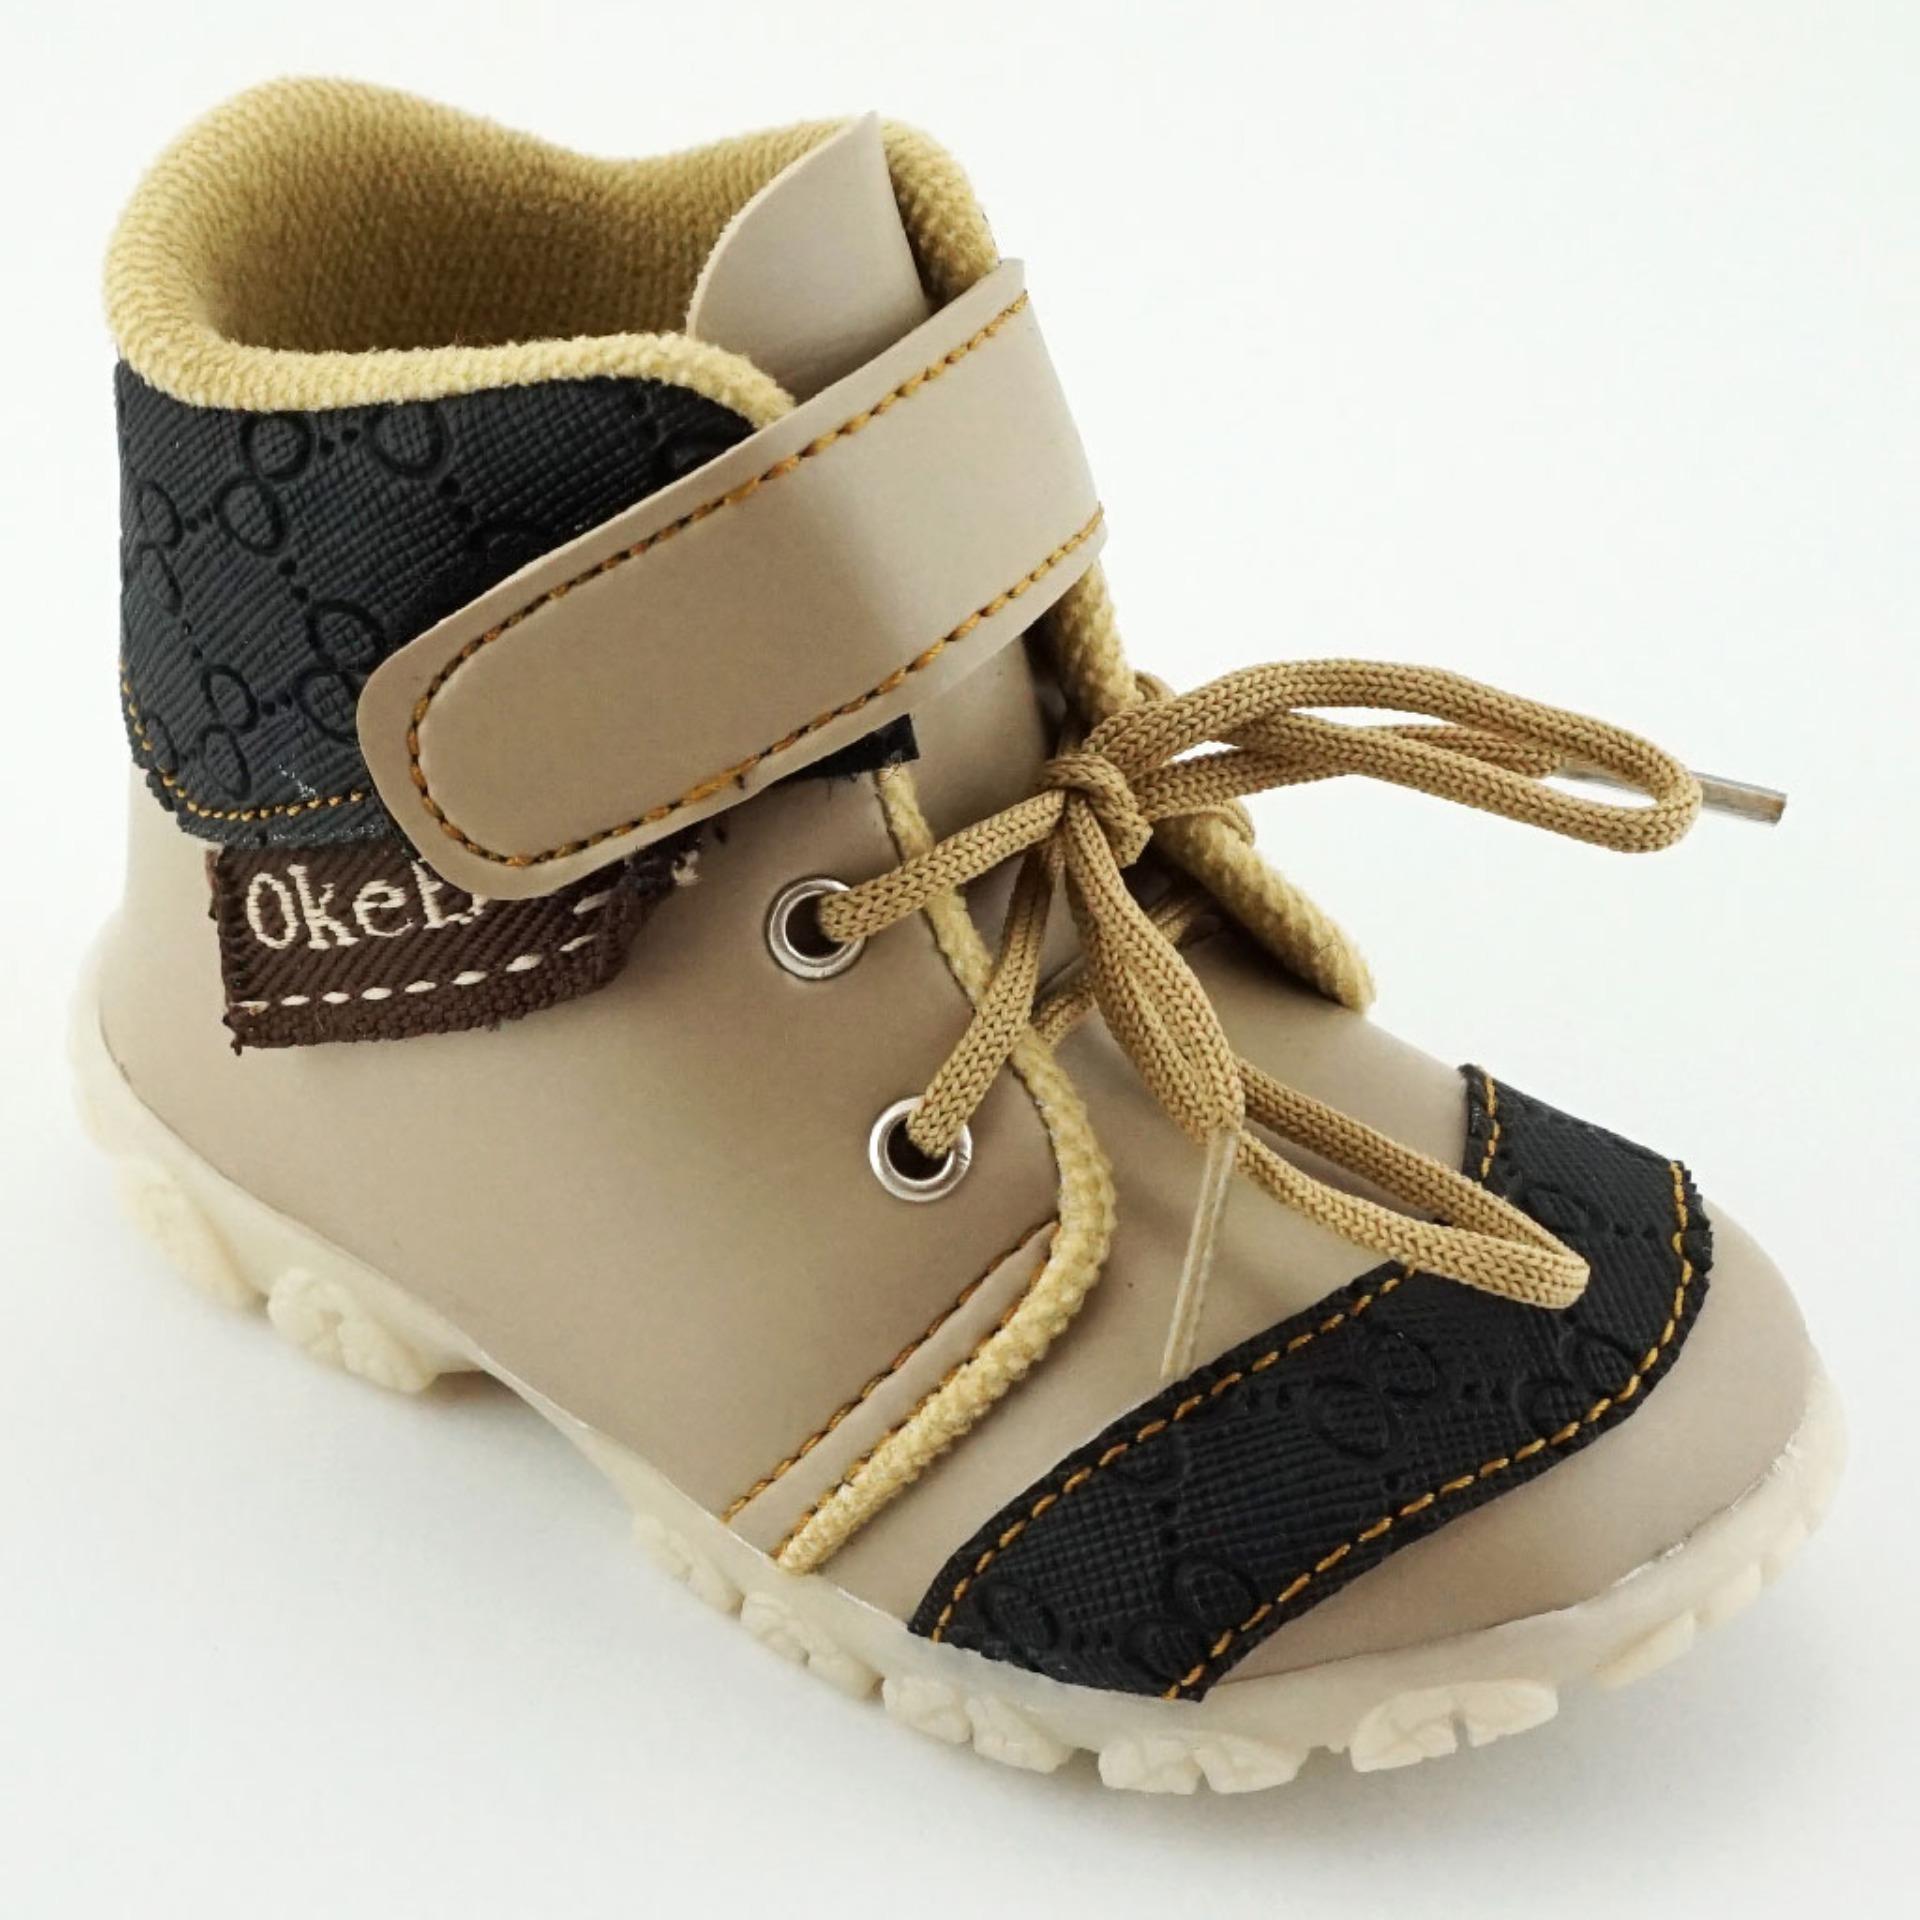 Spesifikasi Trendishoes Sepatu Boot Anak Bayi Laki Laki Okeboy Ddokb Beige Yang Bagus Dan Murah